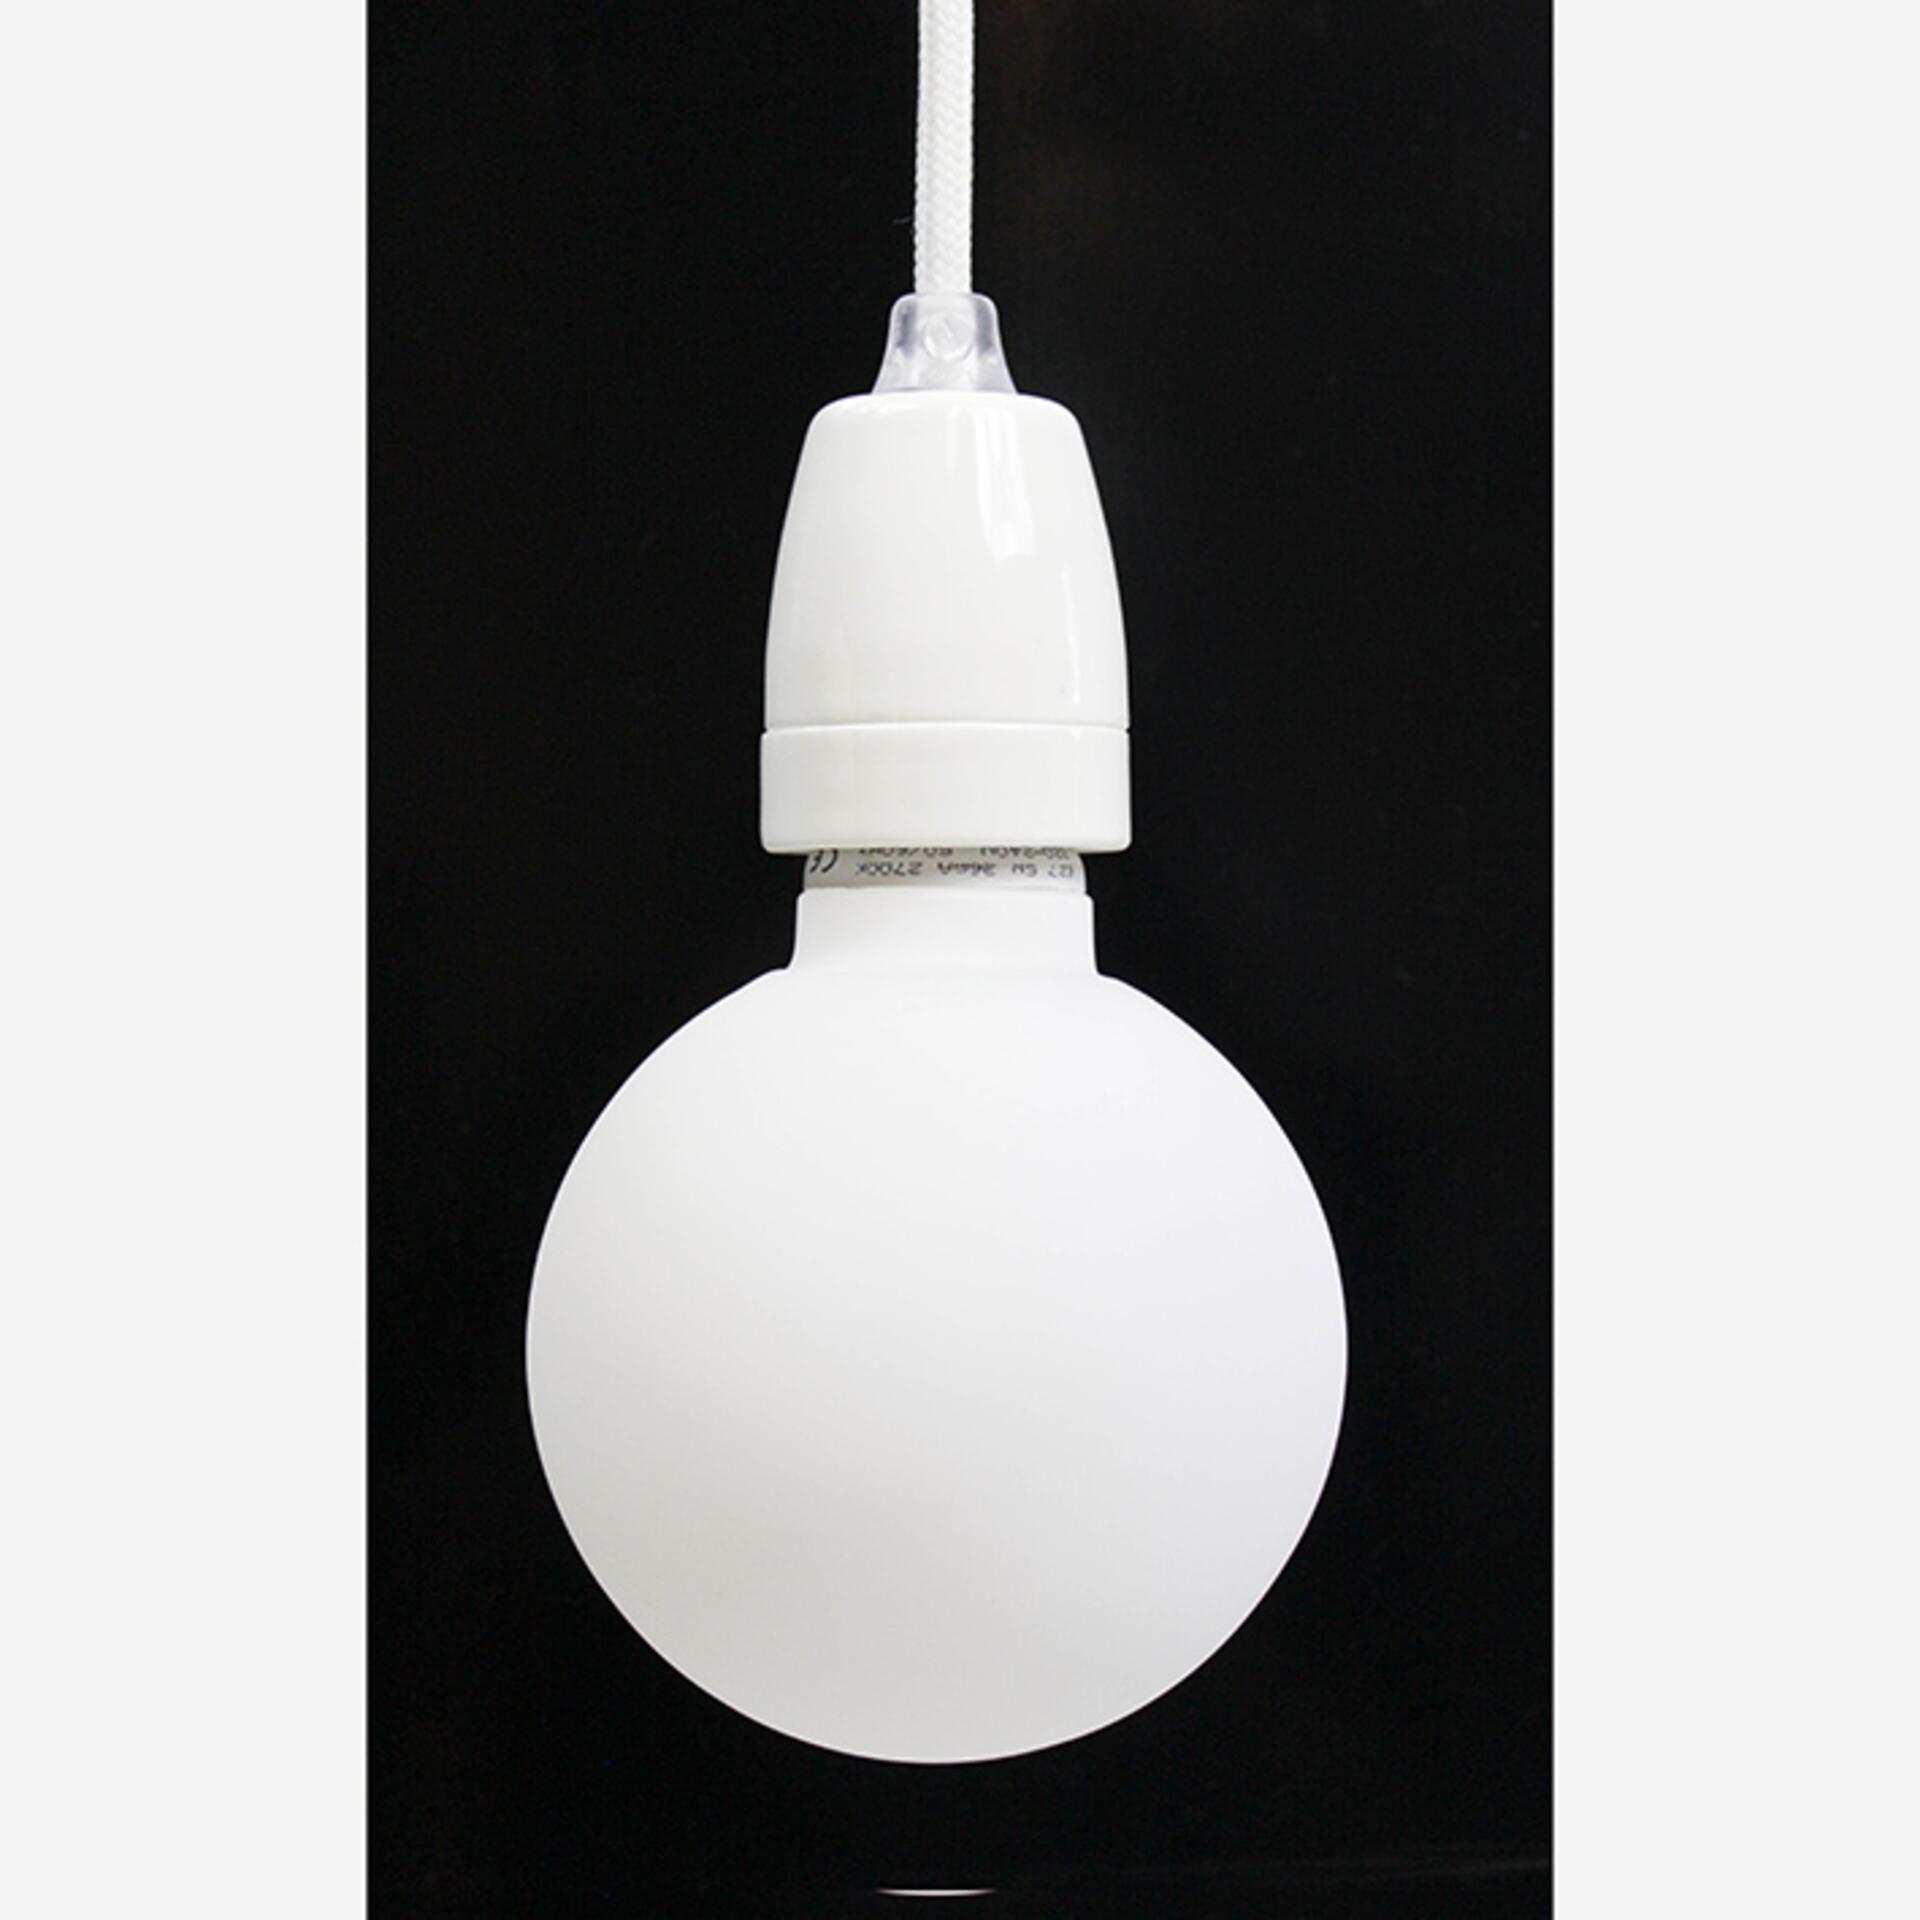 Nud weisse Lampenfassung Keramik Weiß